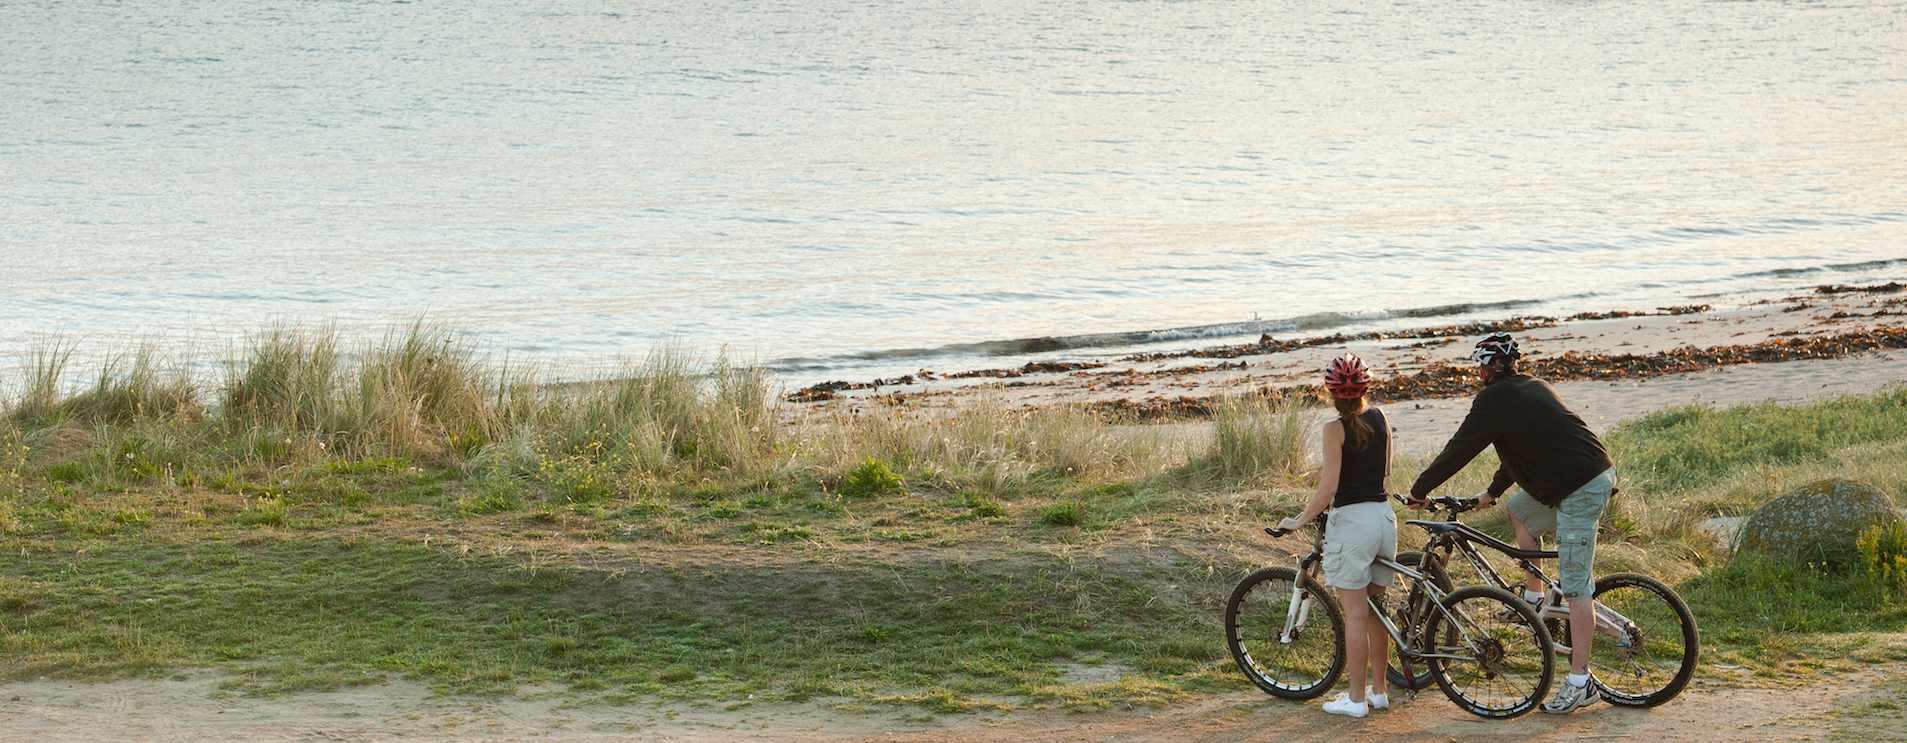 Cyclotouristes et cyclosportifs : des parcours à tous les niveaux